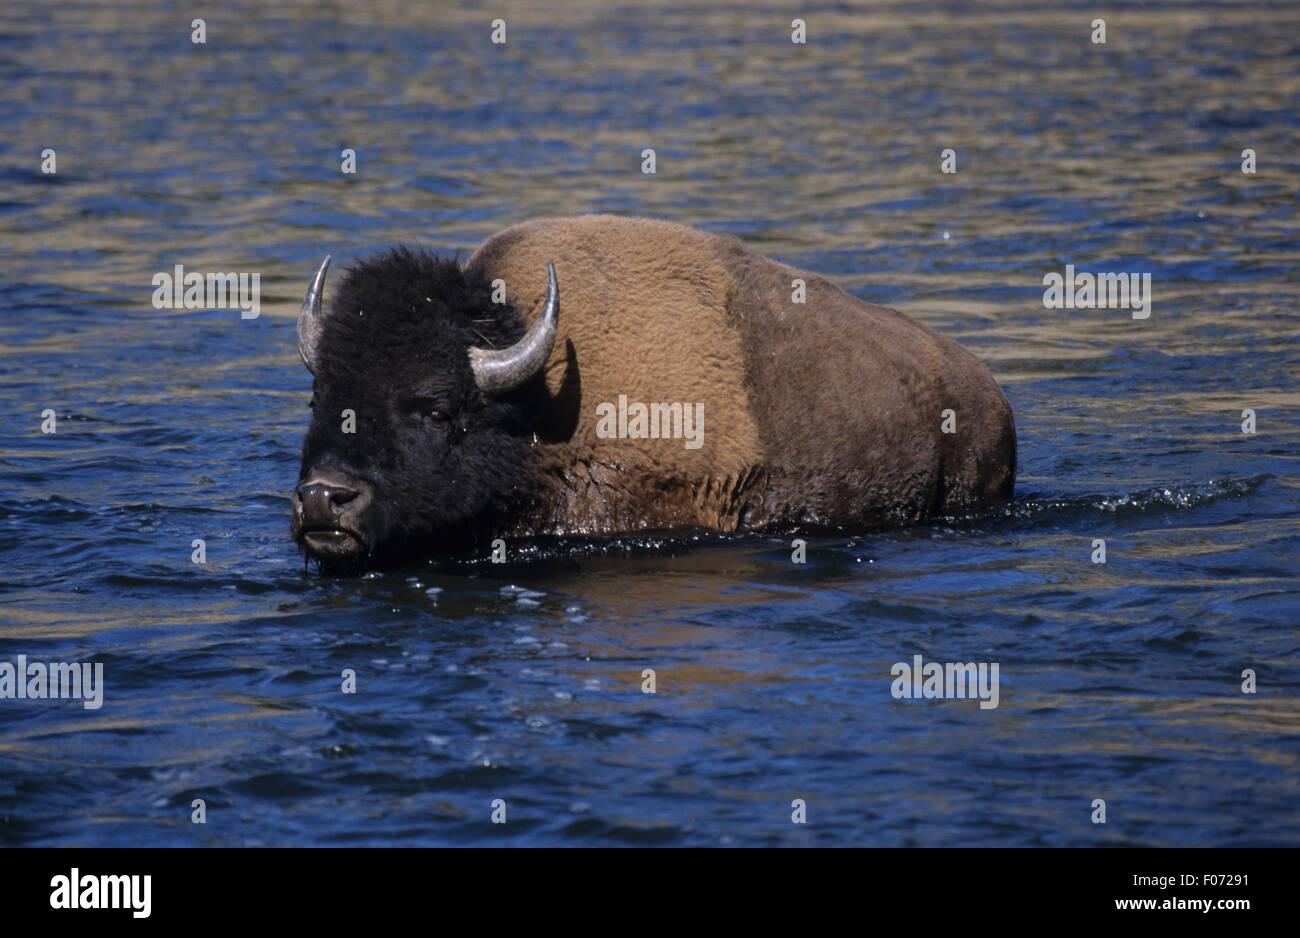 Prises dans le bison à pied profil gauche à travers l'eau d'un bleu profond Photo Stock